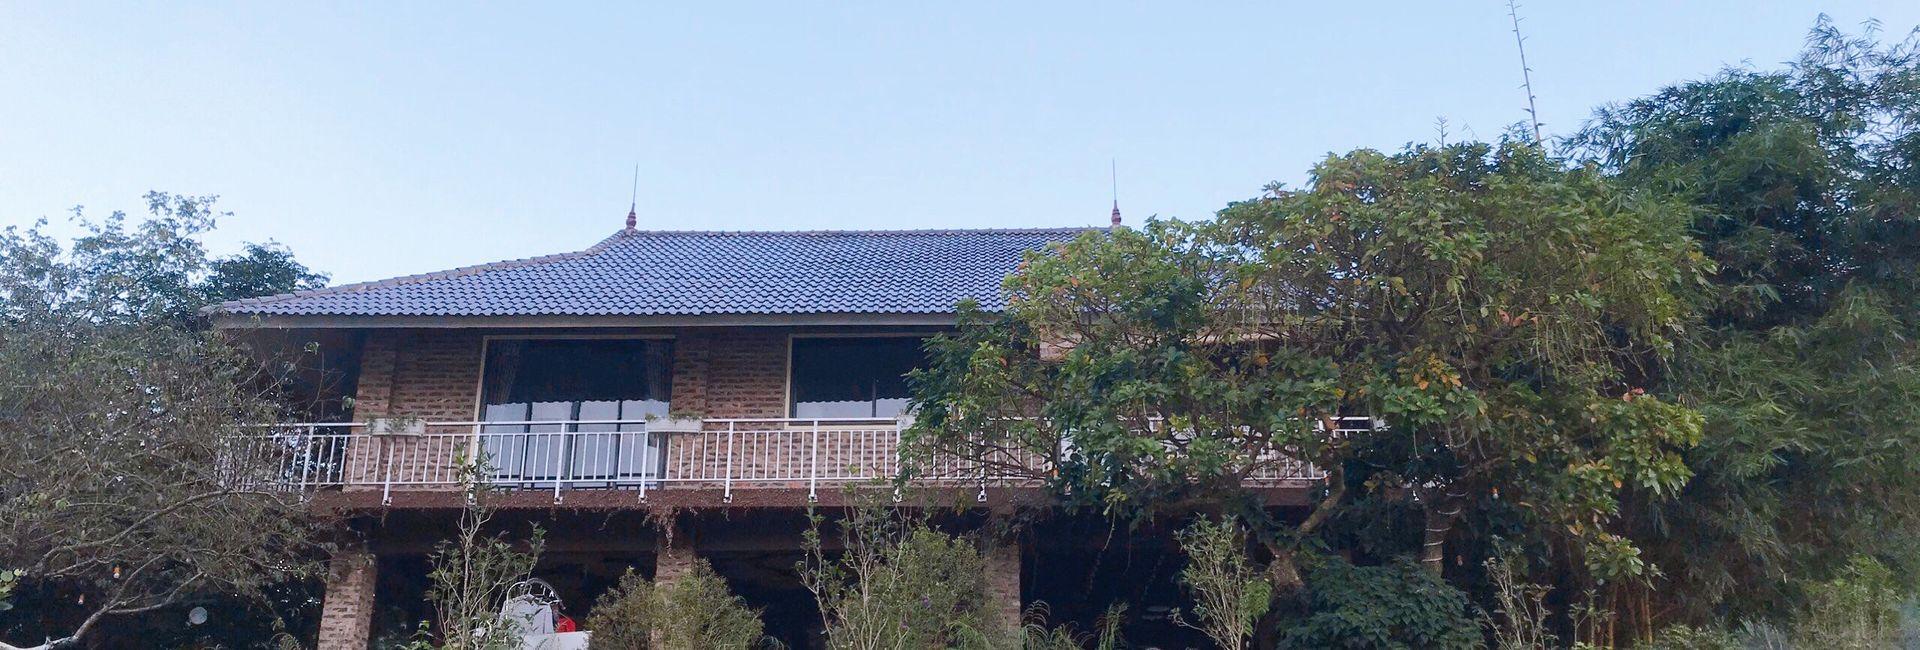 Bin's House - Không gian thiên nhiên trong lành bình yên